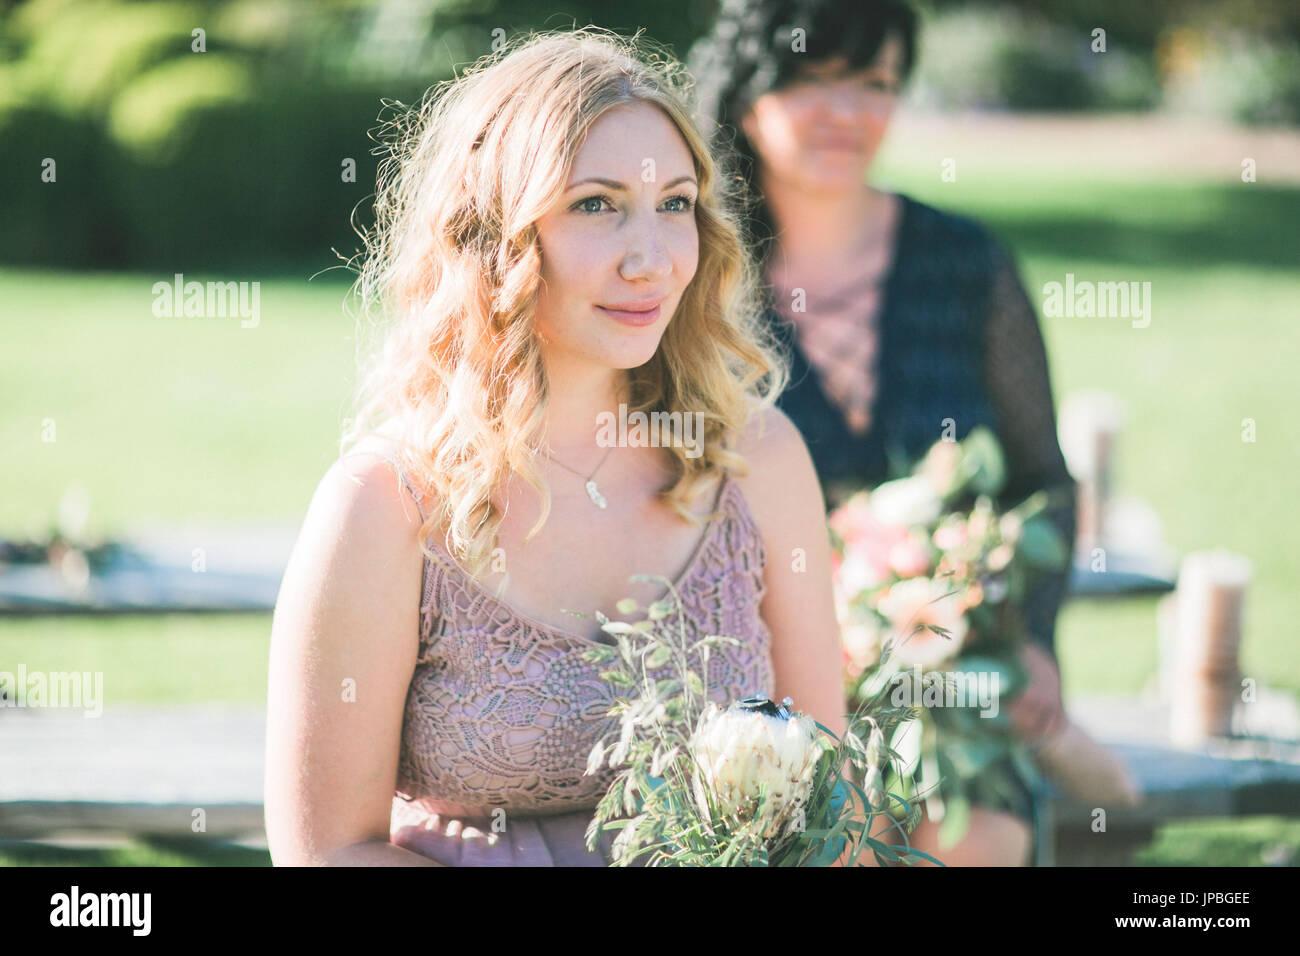 Zeugen bei alternative Hochzeit außerhalb Stockbild